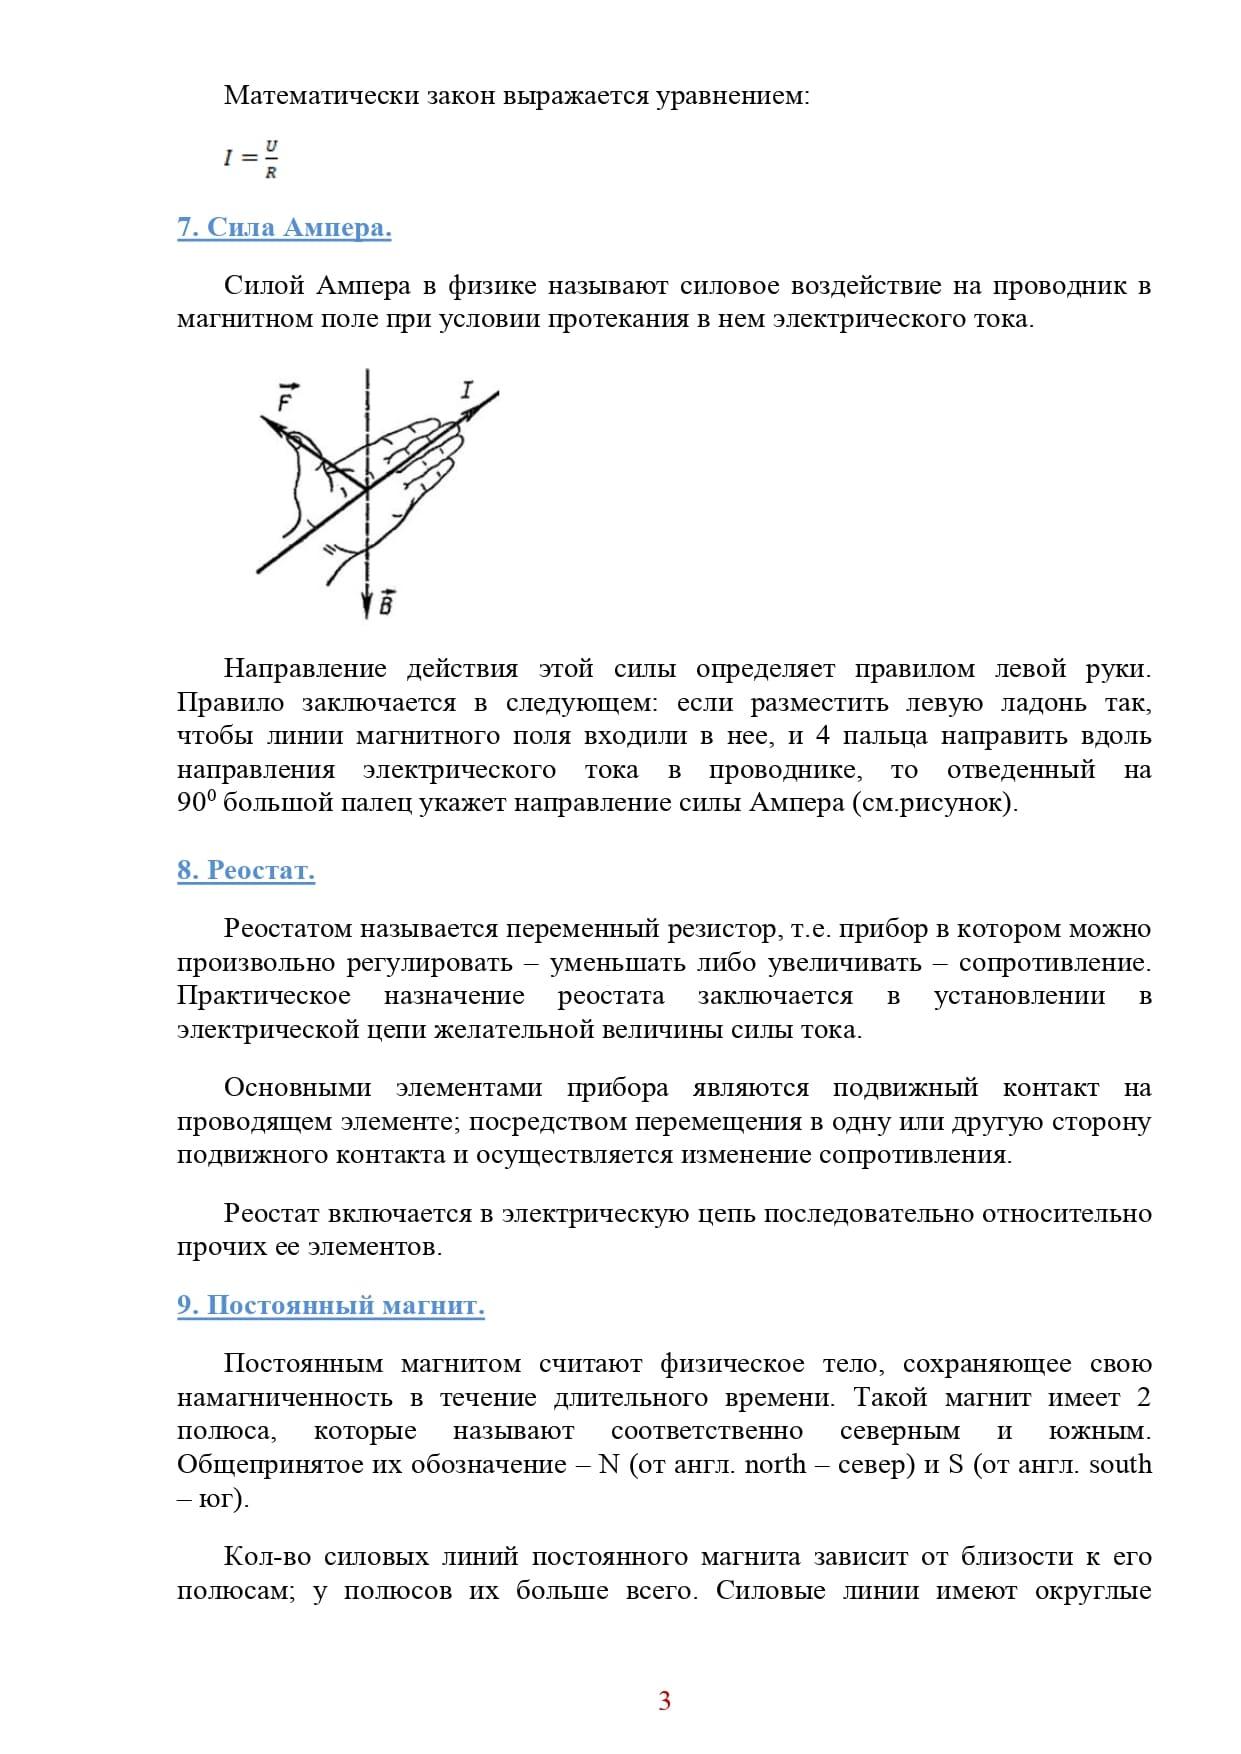 Готовимся к ОГЭ. Физика. 9 класс. Опора №11 страница 3